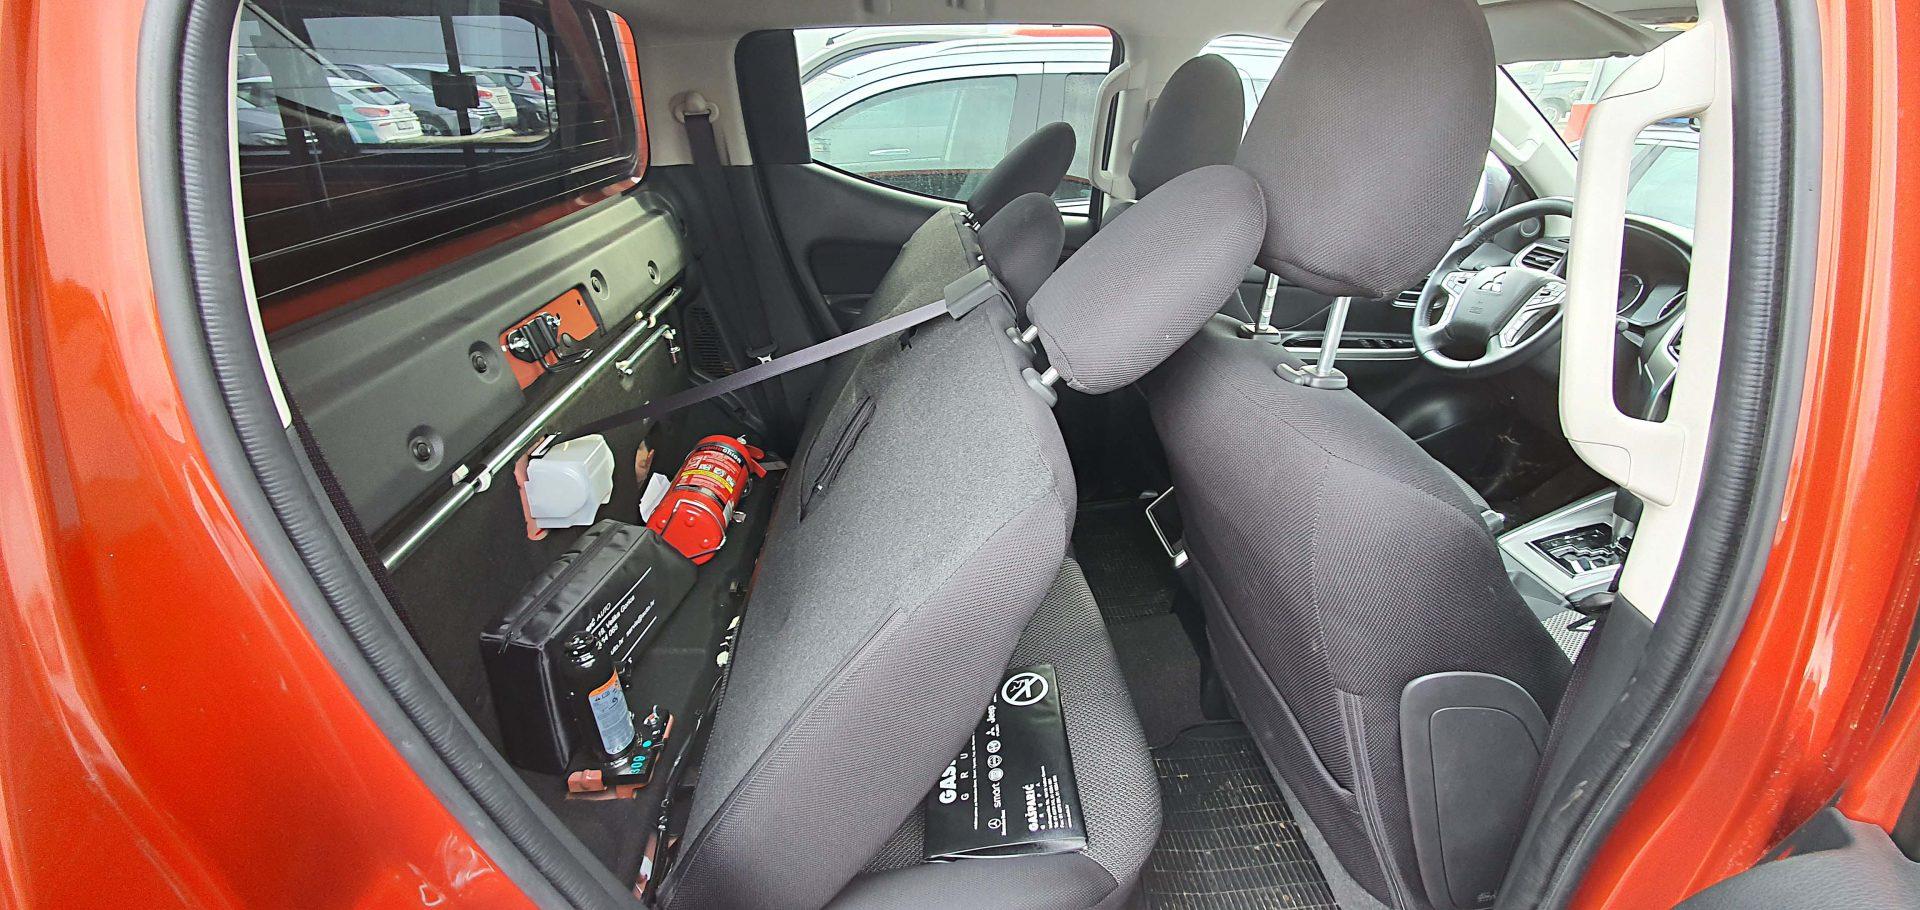 """Iza stražnjih sjedišta nalazi se """"skriveni"""" pretinac koji će dobro poslužiti za smještaj prve pomoći i ostale opreme da ne skakuće po automobilu tijekom vožnje"""